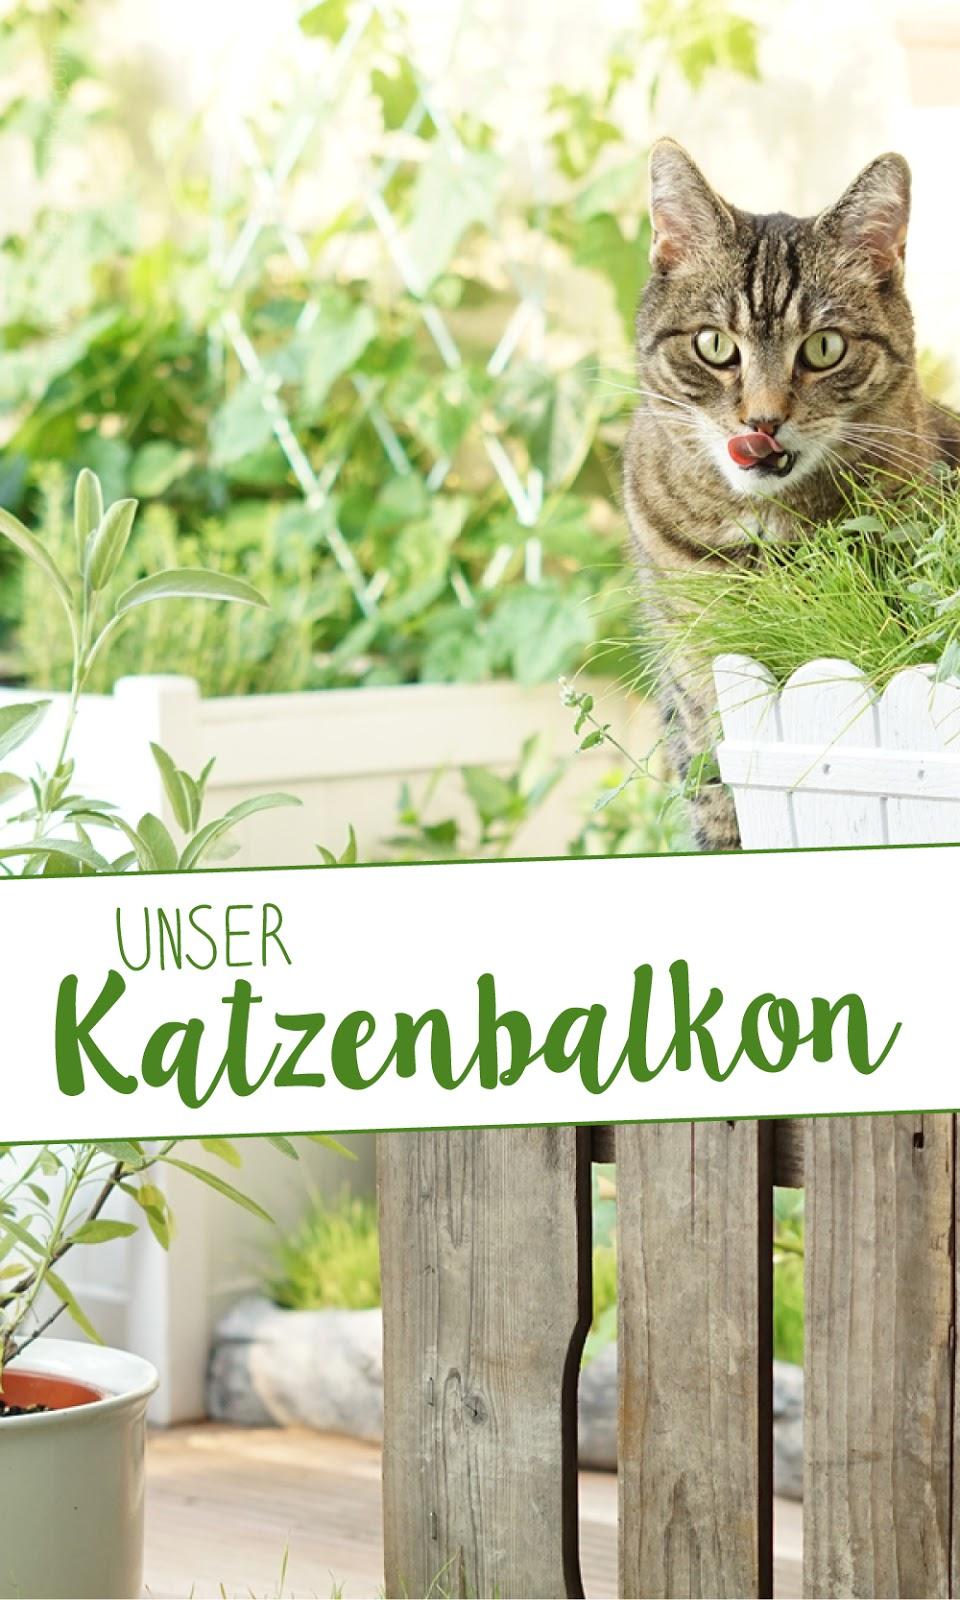 http://www.aentschiesblog.com/2017/07/unser-katzenbalkon-die-pflanzen.html